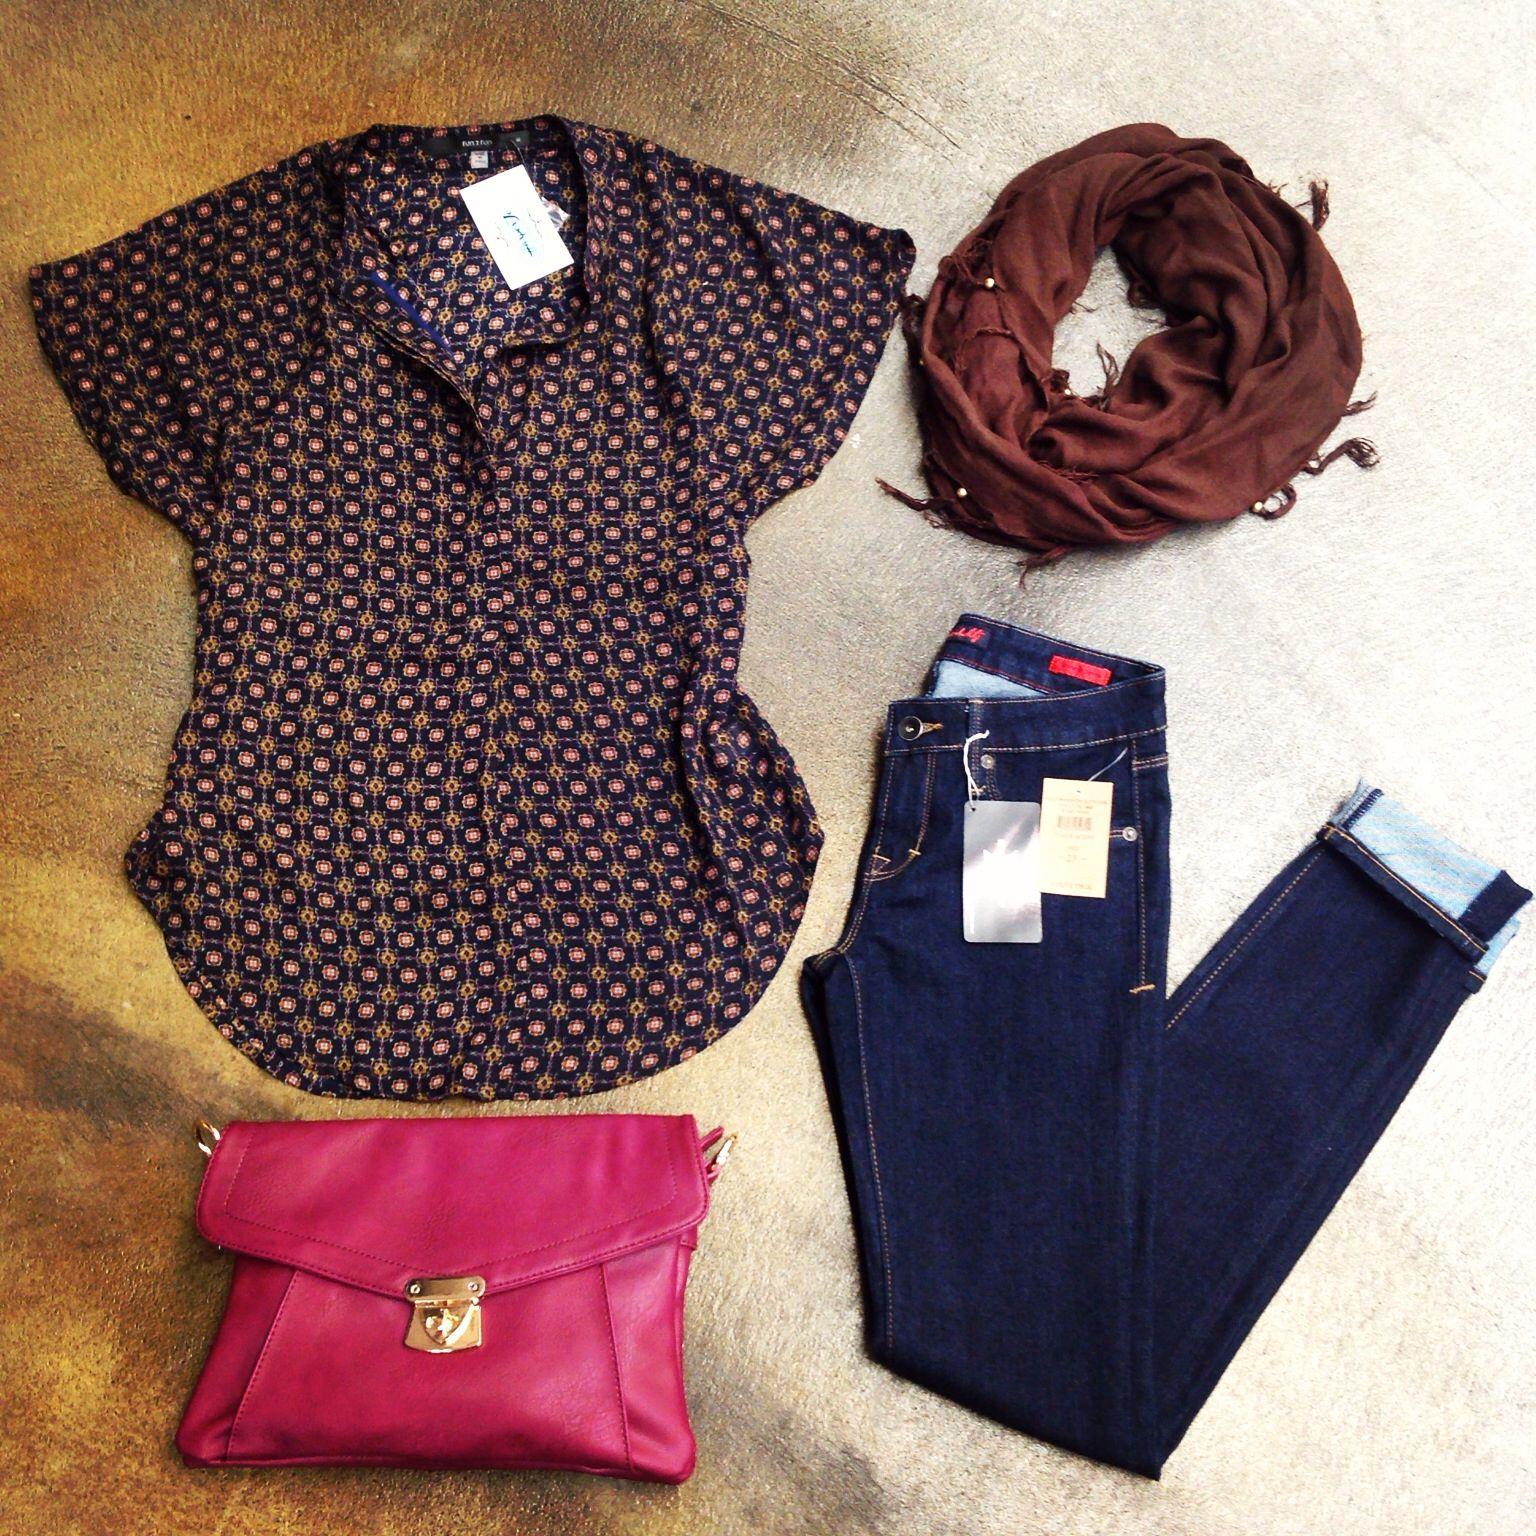 Pin on Fall fashion 2013